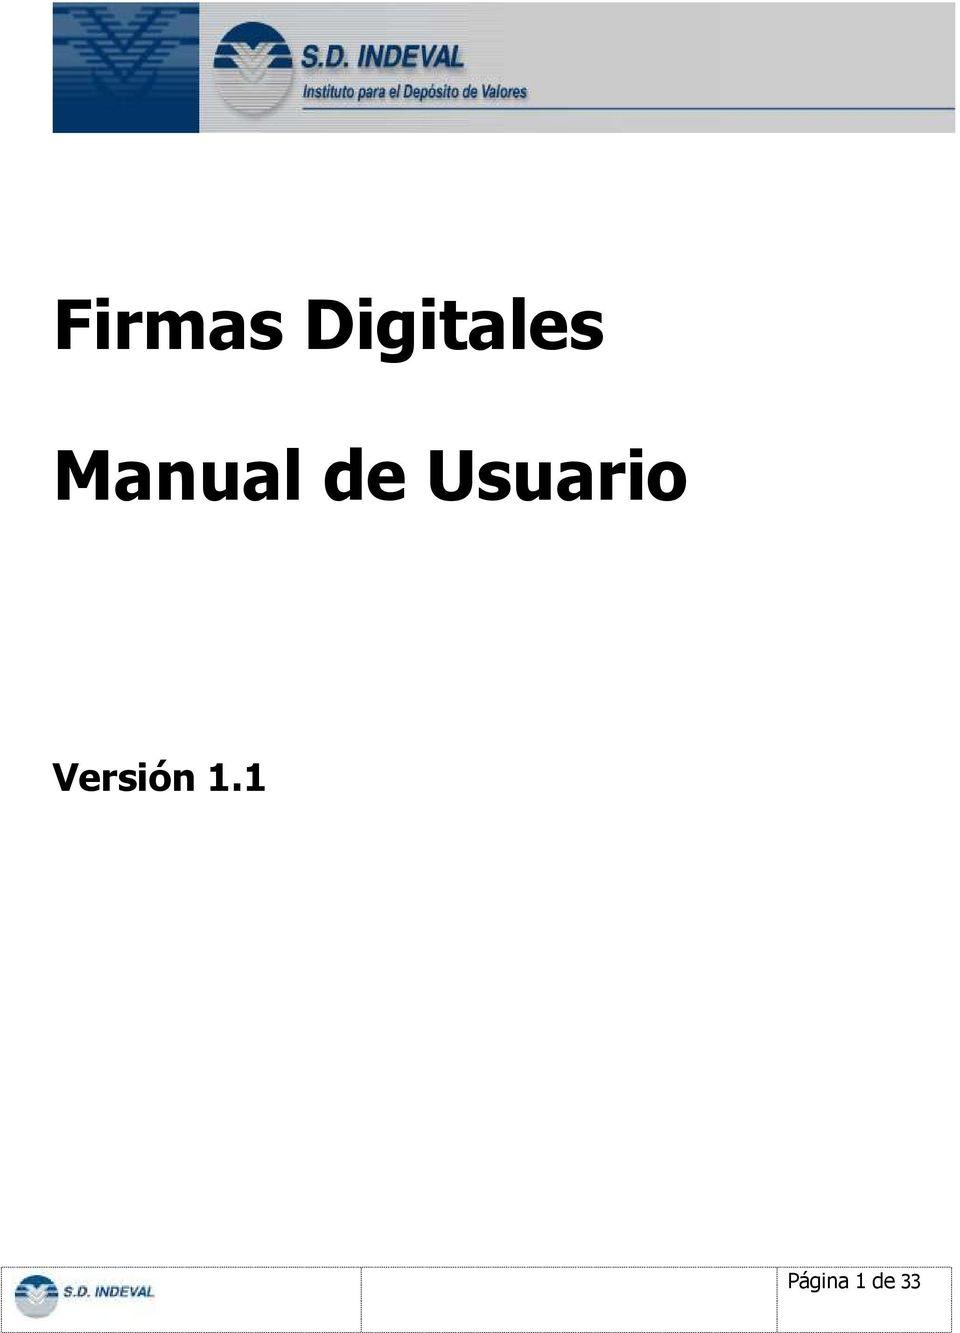 Firmas Digitales. Manual de Usuario. Versión 1.1. Página 1